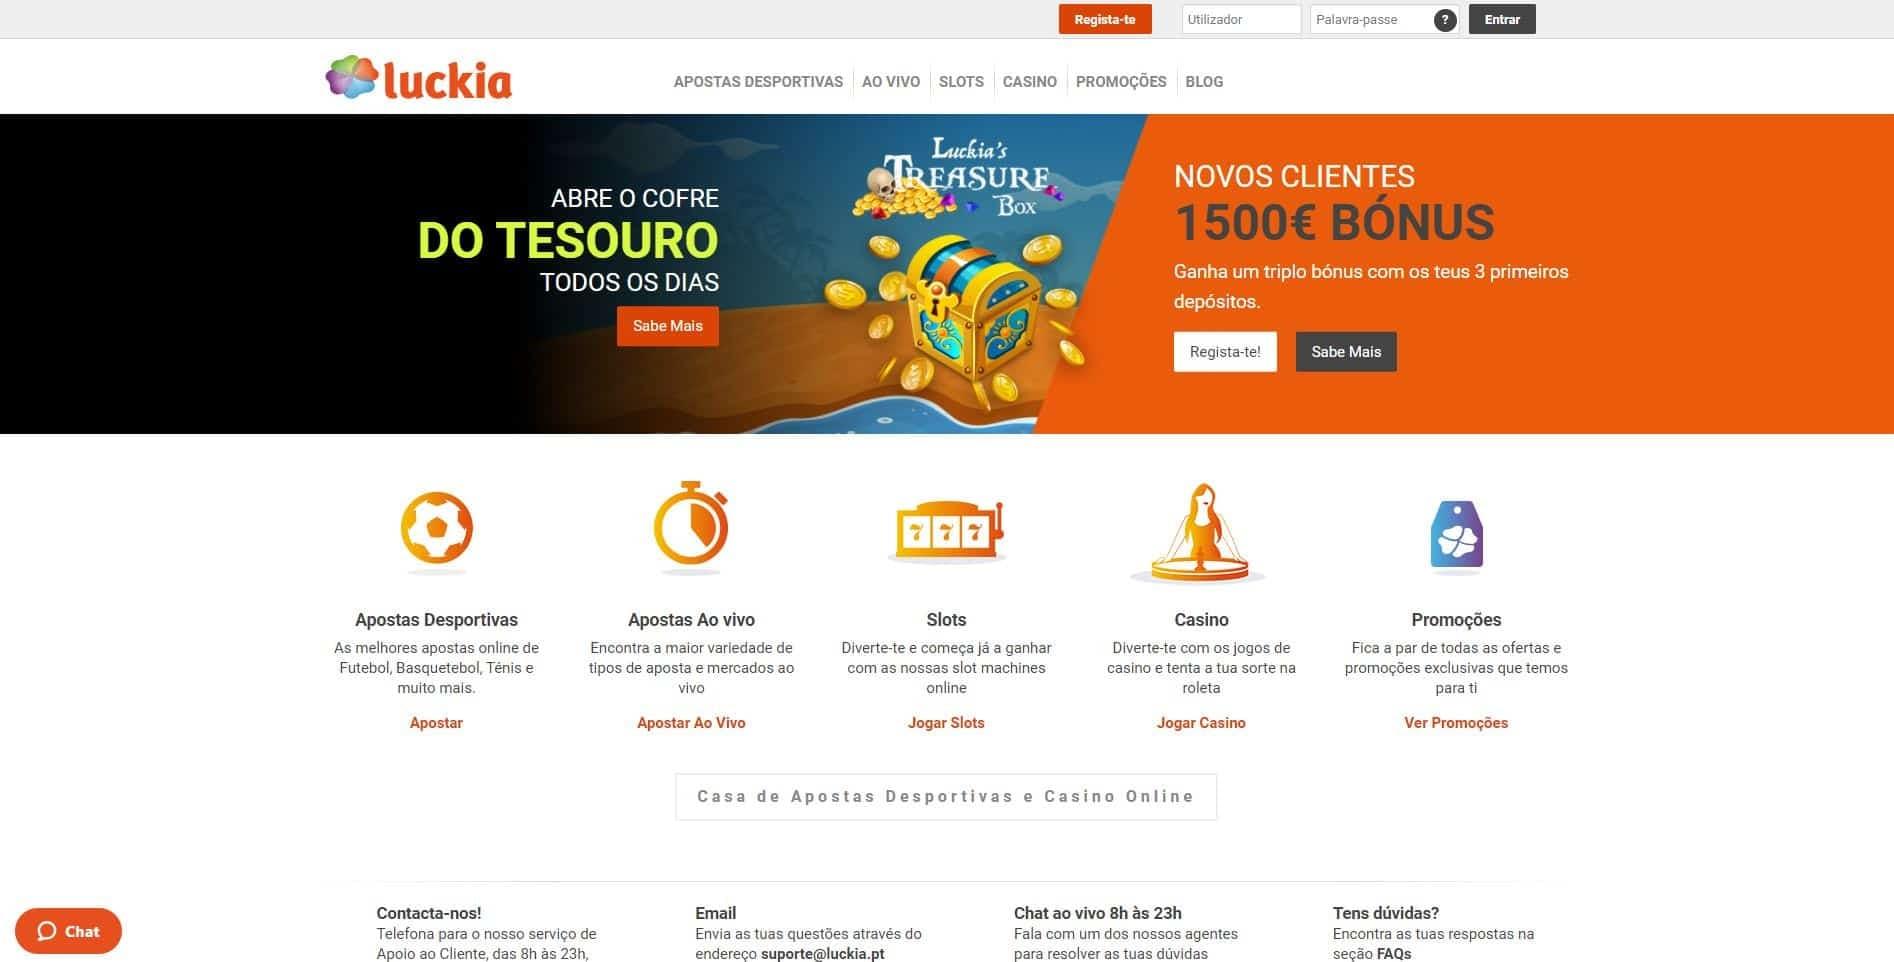 Melhores Jogos de Slot Machines Online em Luckia